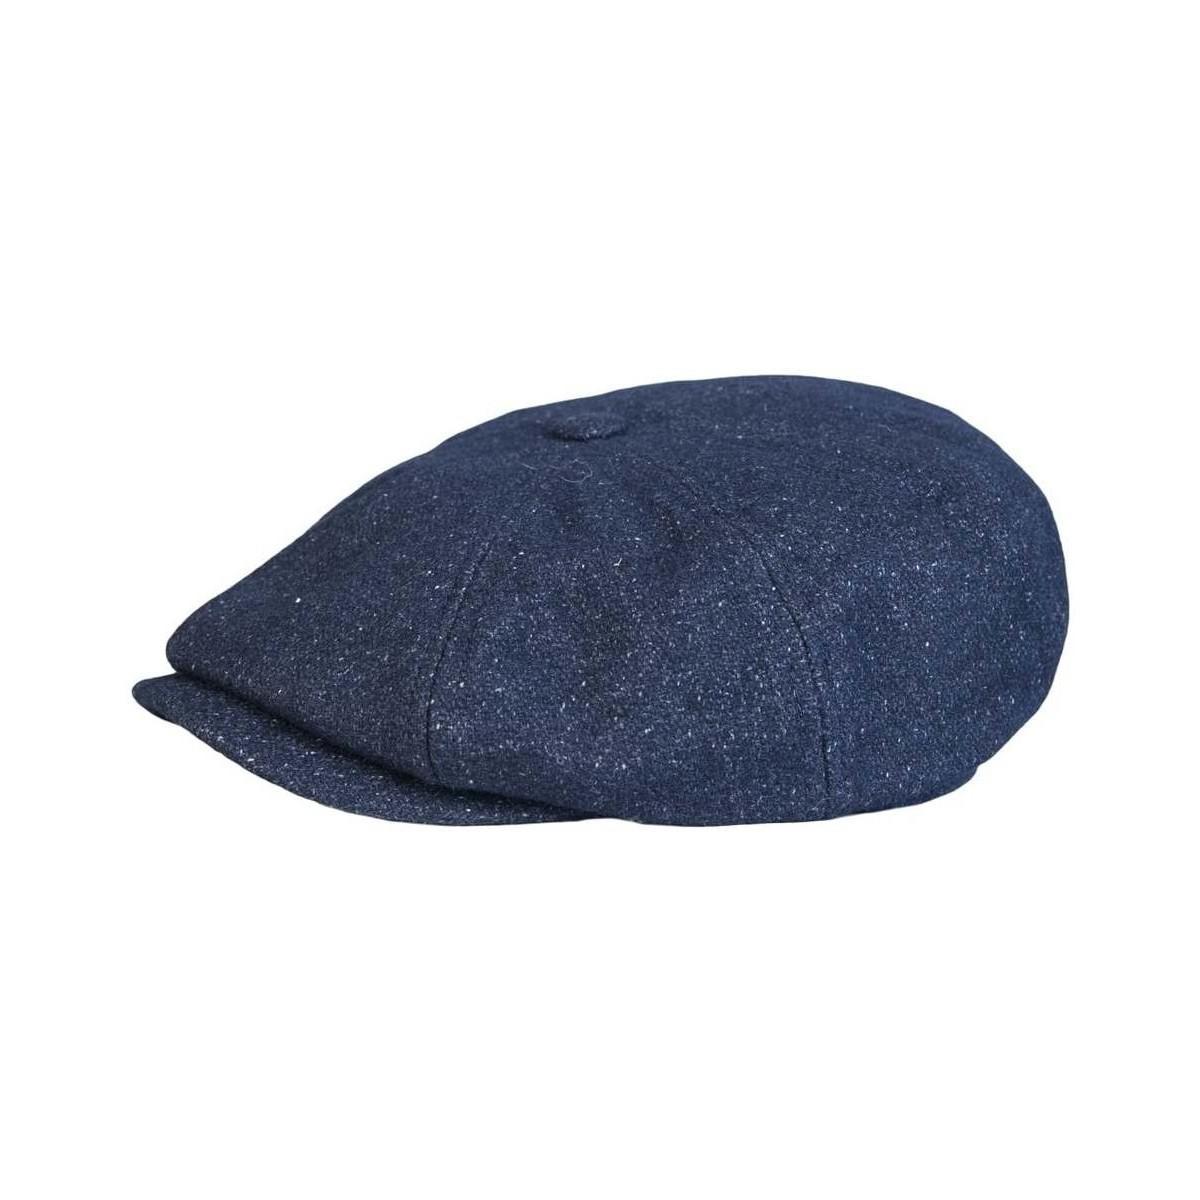 a3c19aa552e Ted Baker Flat Cap Xa7m Xn22 Gladstn Men s Beanie In Blue in Blue ...